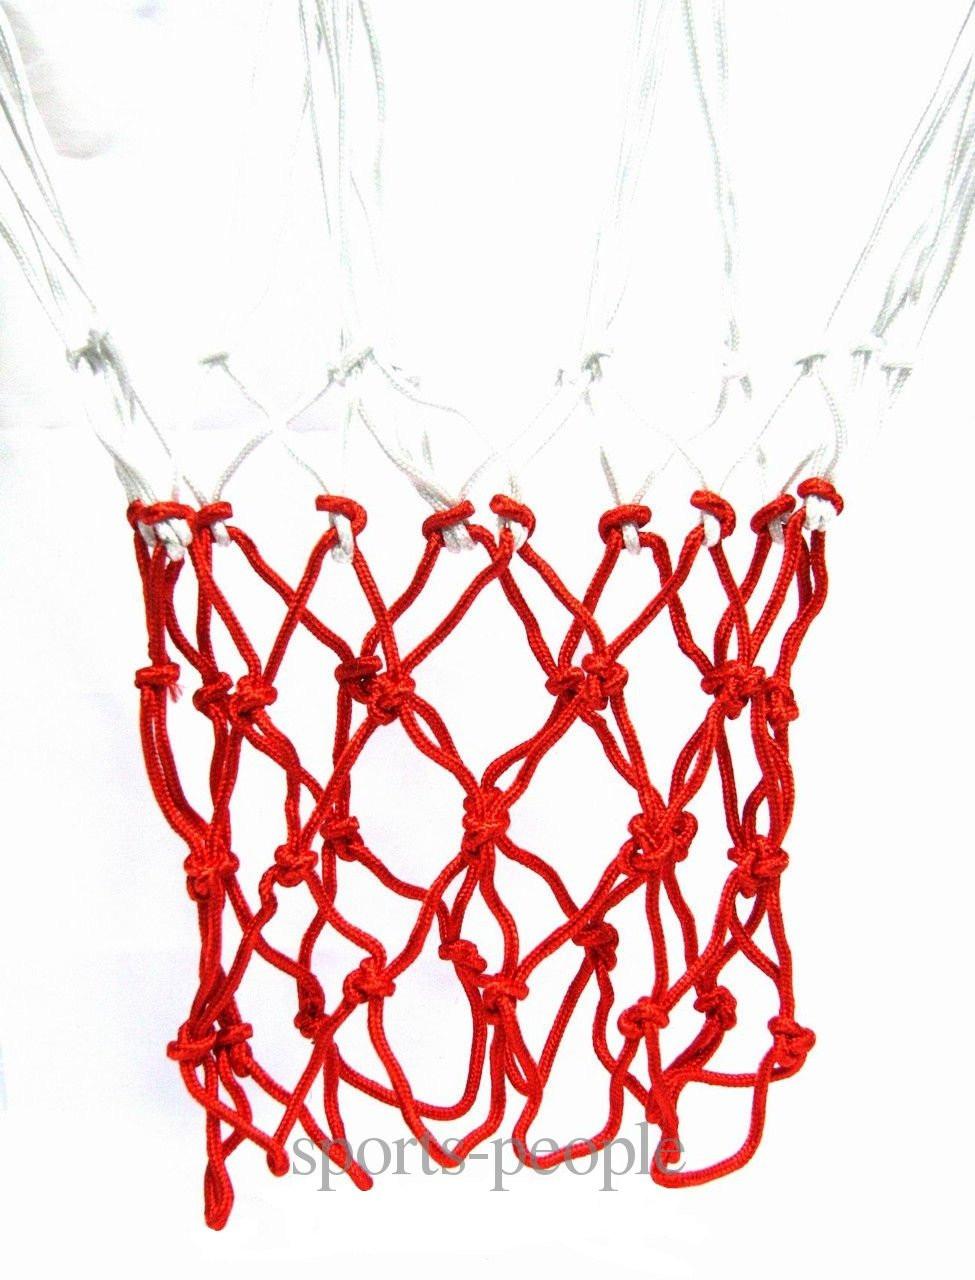 Сетка баскетбольная, в комплекте 2 шт., белая с красным» - Sports-People - интернет-магазин спортивных товаров! в Одессе